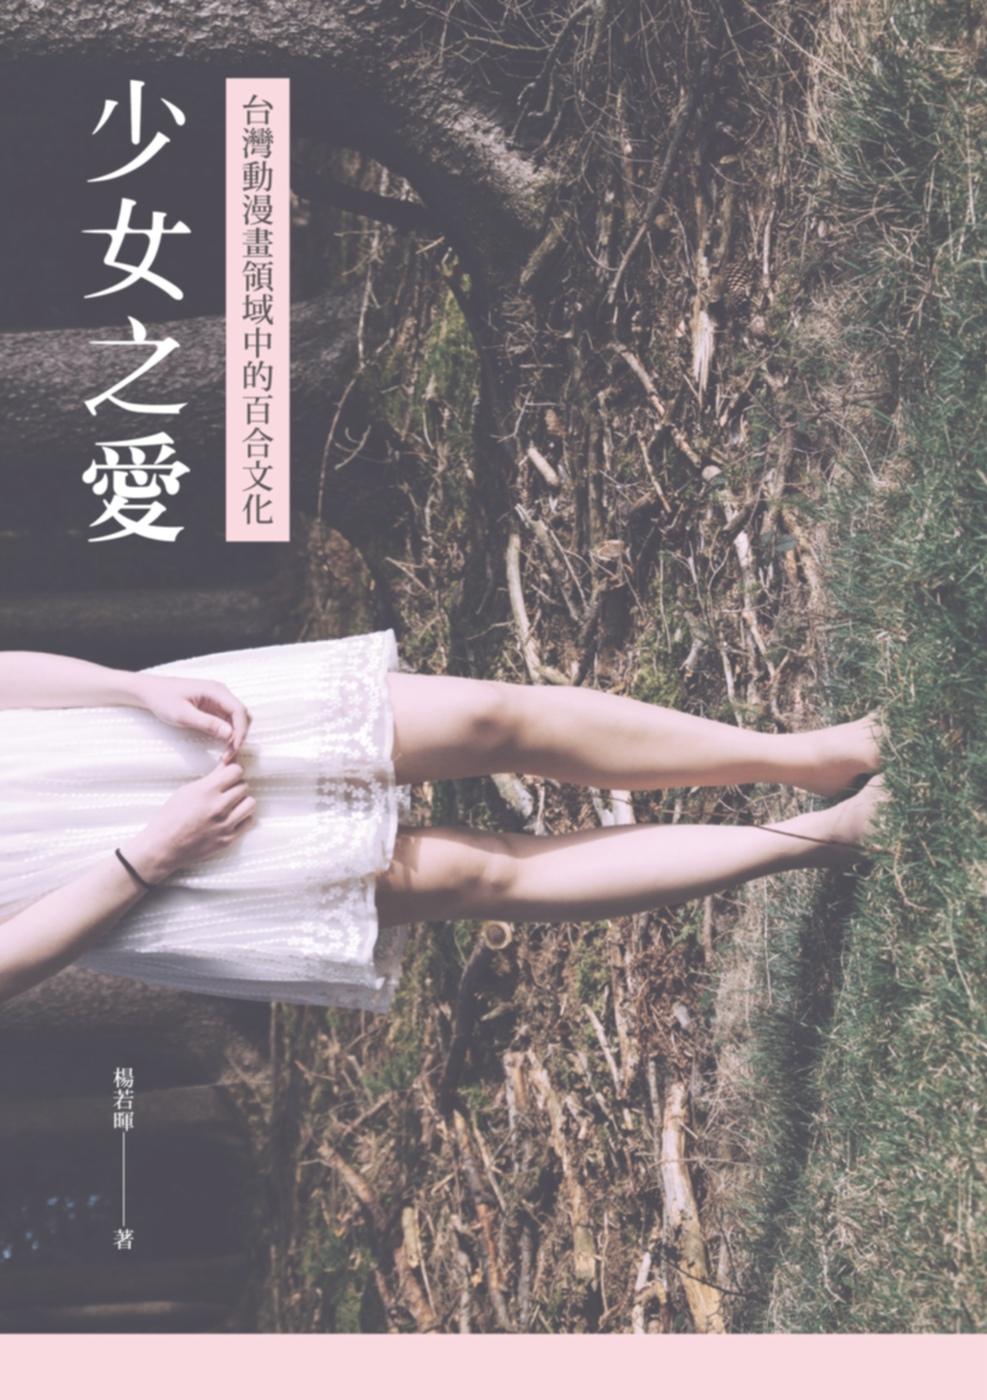 少女之愛:台灣動漫畫領域中的百合文化